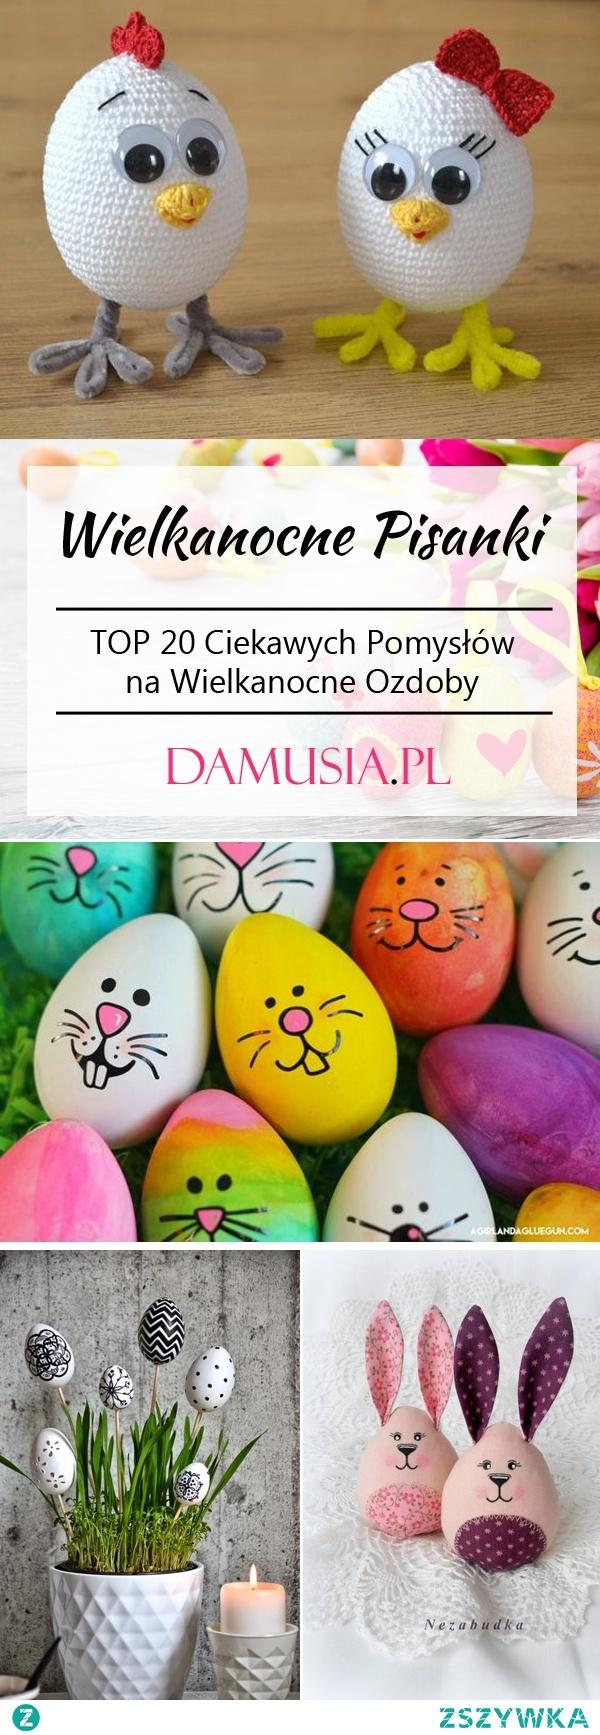 Wielkanocne Pisanki DIY- TOP 20 Ciekawych Pomysłów na Wielkanocne Ozdoby